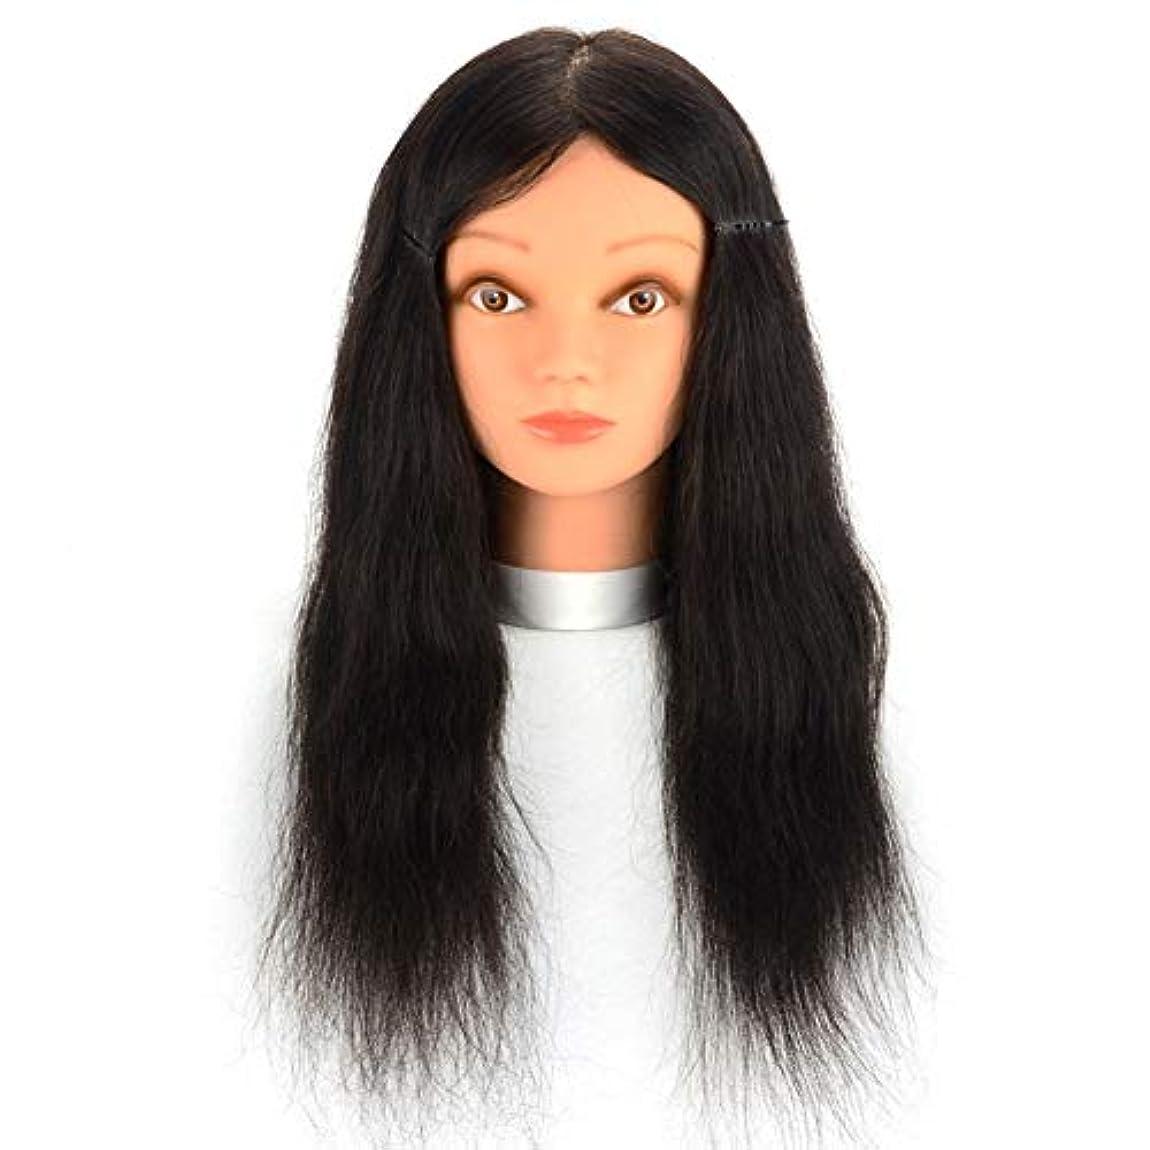 トランスペアレント邪魔するフライカイトリアルヘアマネキンヘッド理髪店パーマ髪染色練習かつらヘッドモデルメイクアップヘアカット練習ダミーヘッド,16inches